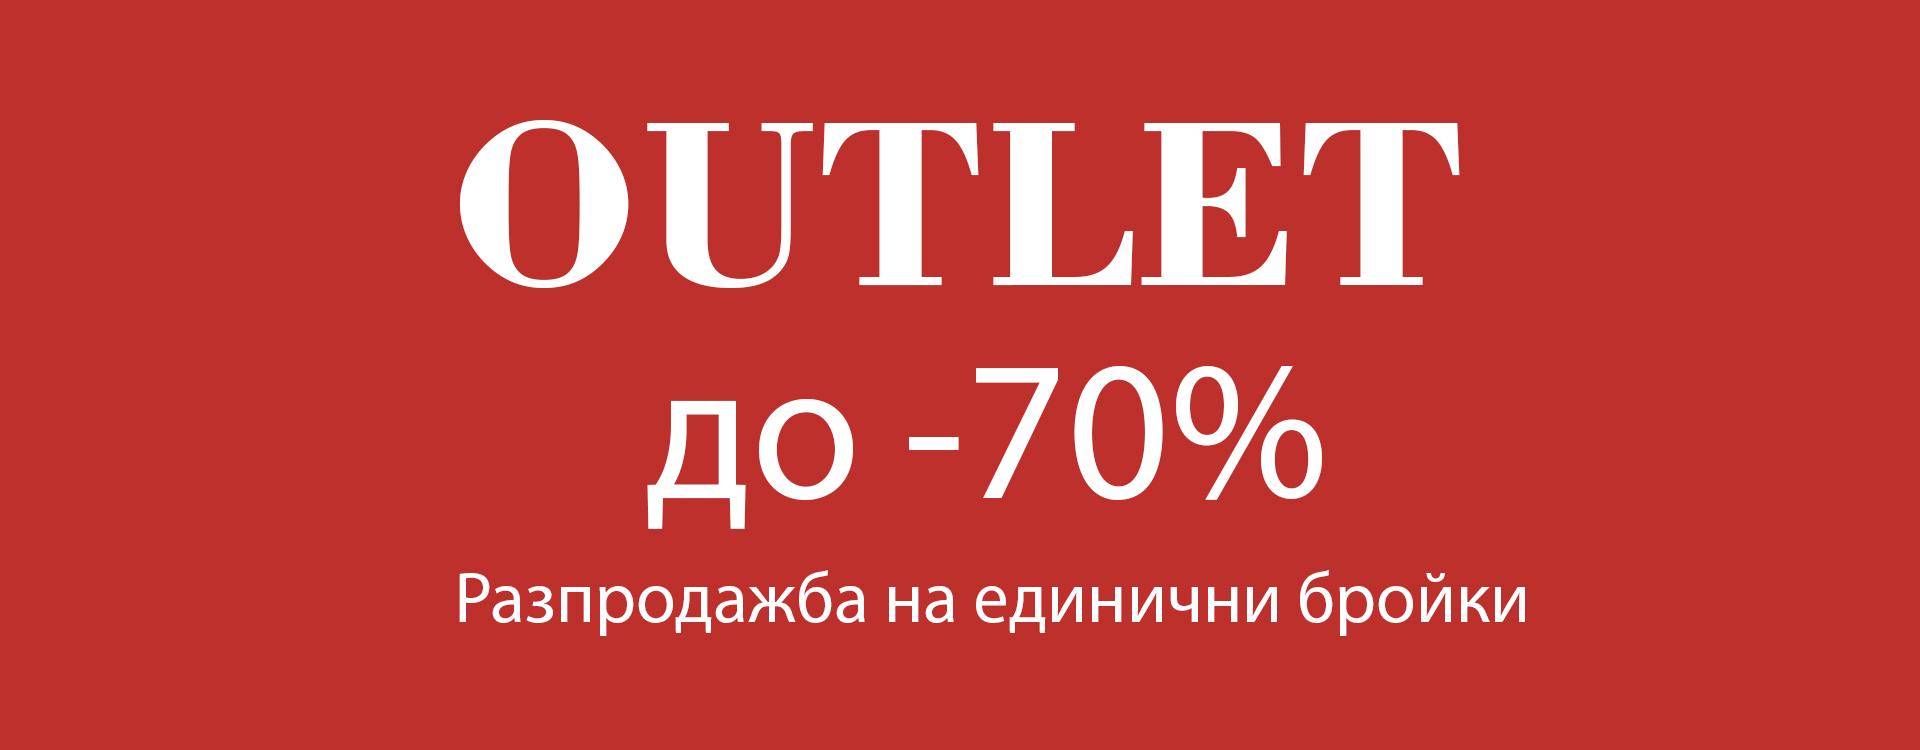 оутлет -70% разпродажба на единични бройки